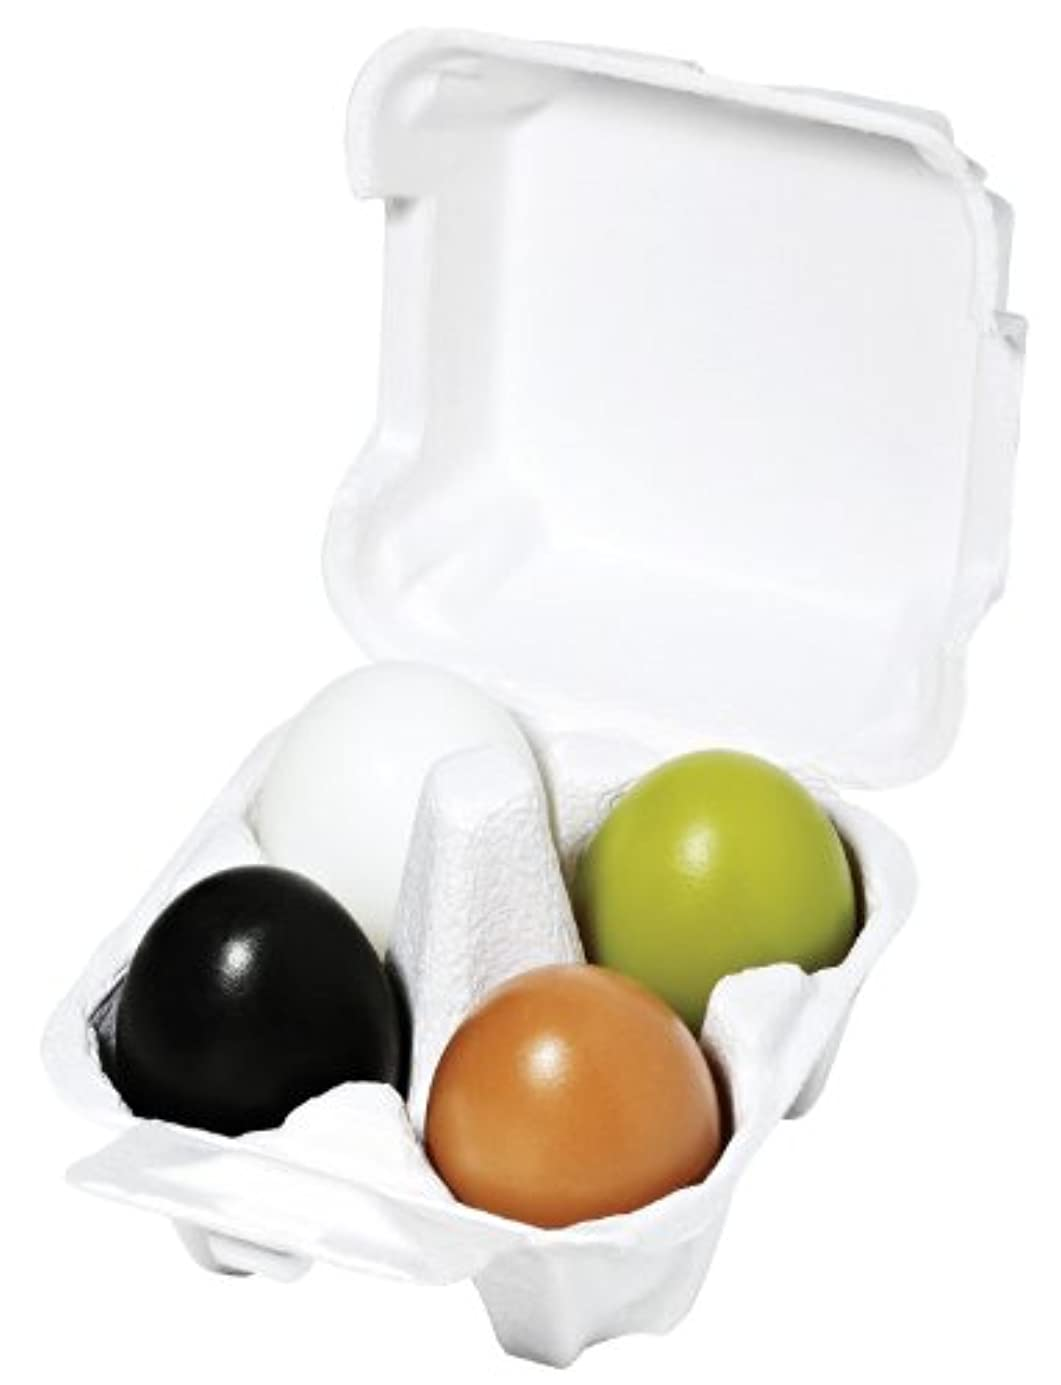 死の顎オーストラリア人関税HolikaHolika すべすべソープ エッグソープ 4種セット